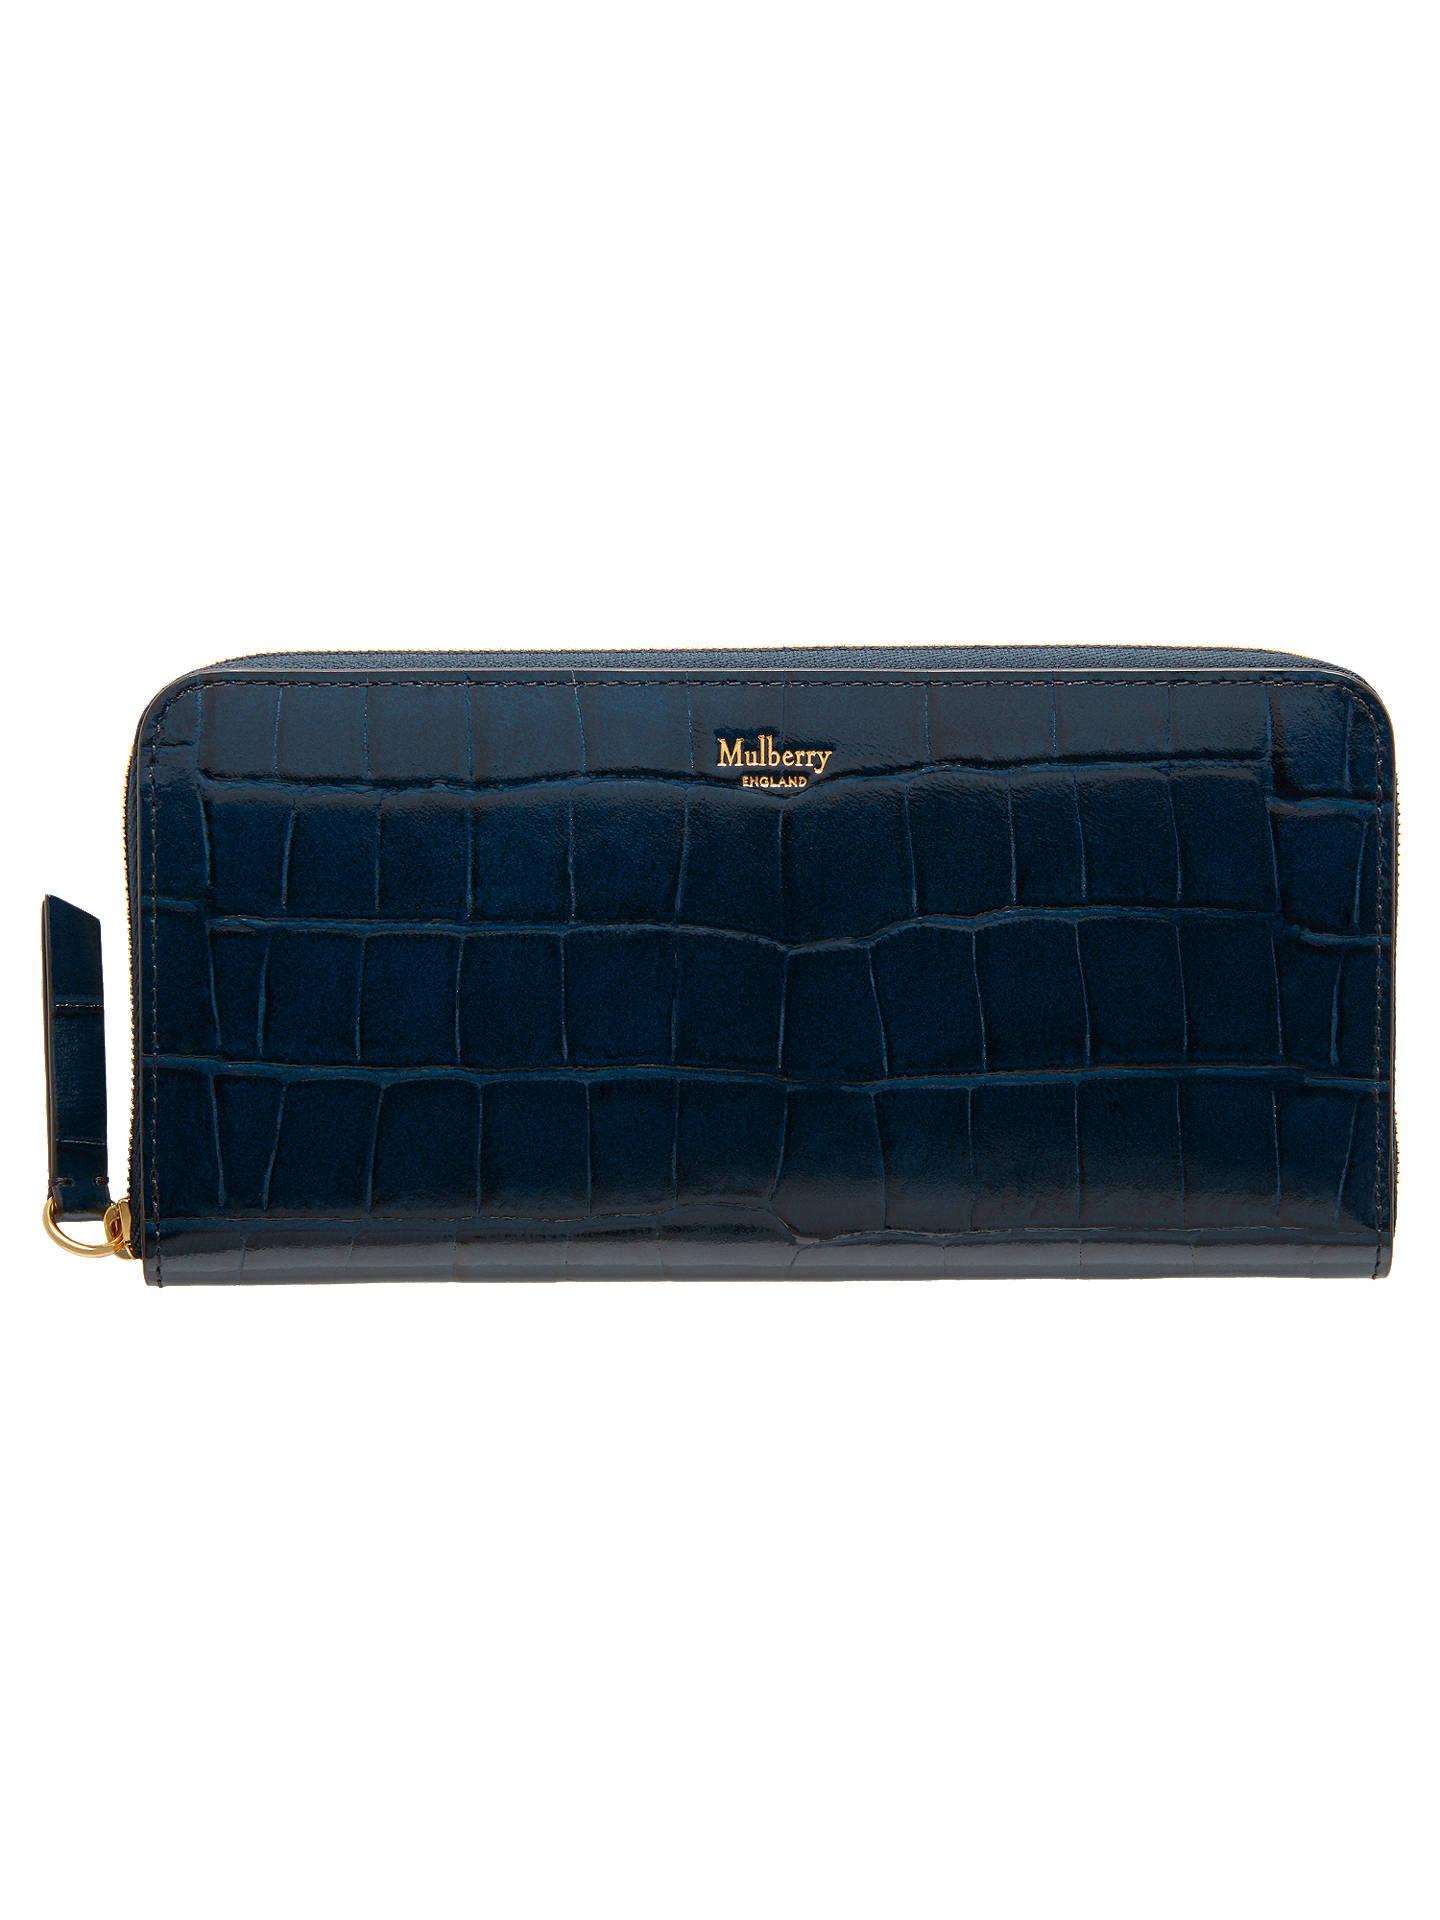 0471a4f413ac ... get buymulberry zip around wallet purse navy croc online at johnlewis  40263 2d2da